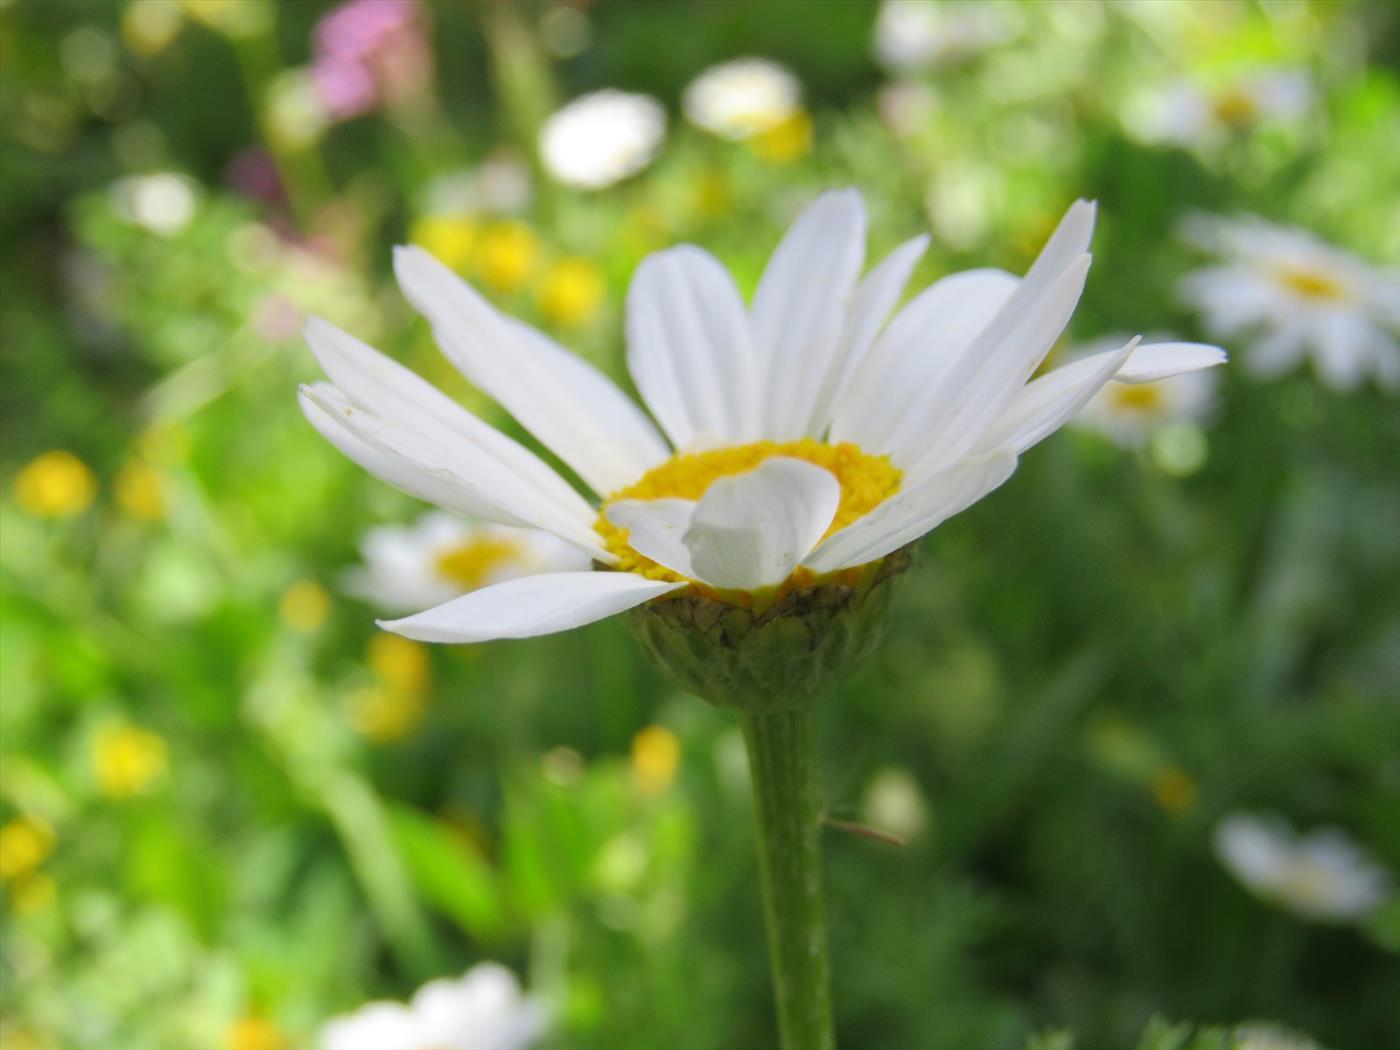 פרחים בטיול עמיתים לטיולים (ירון בוצר)